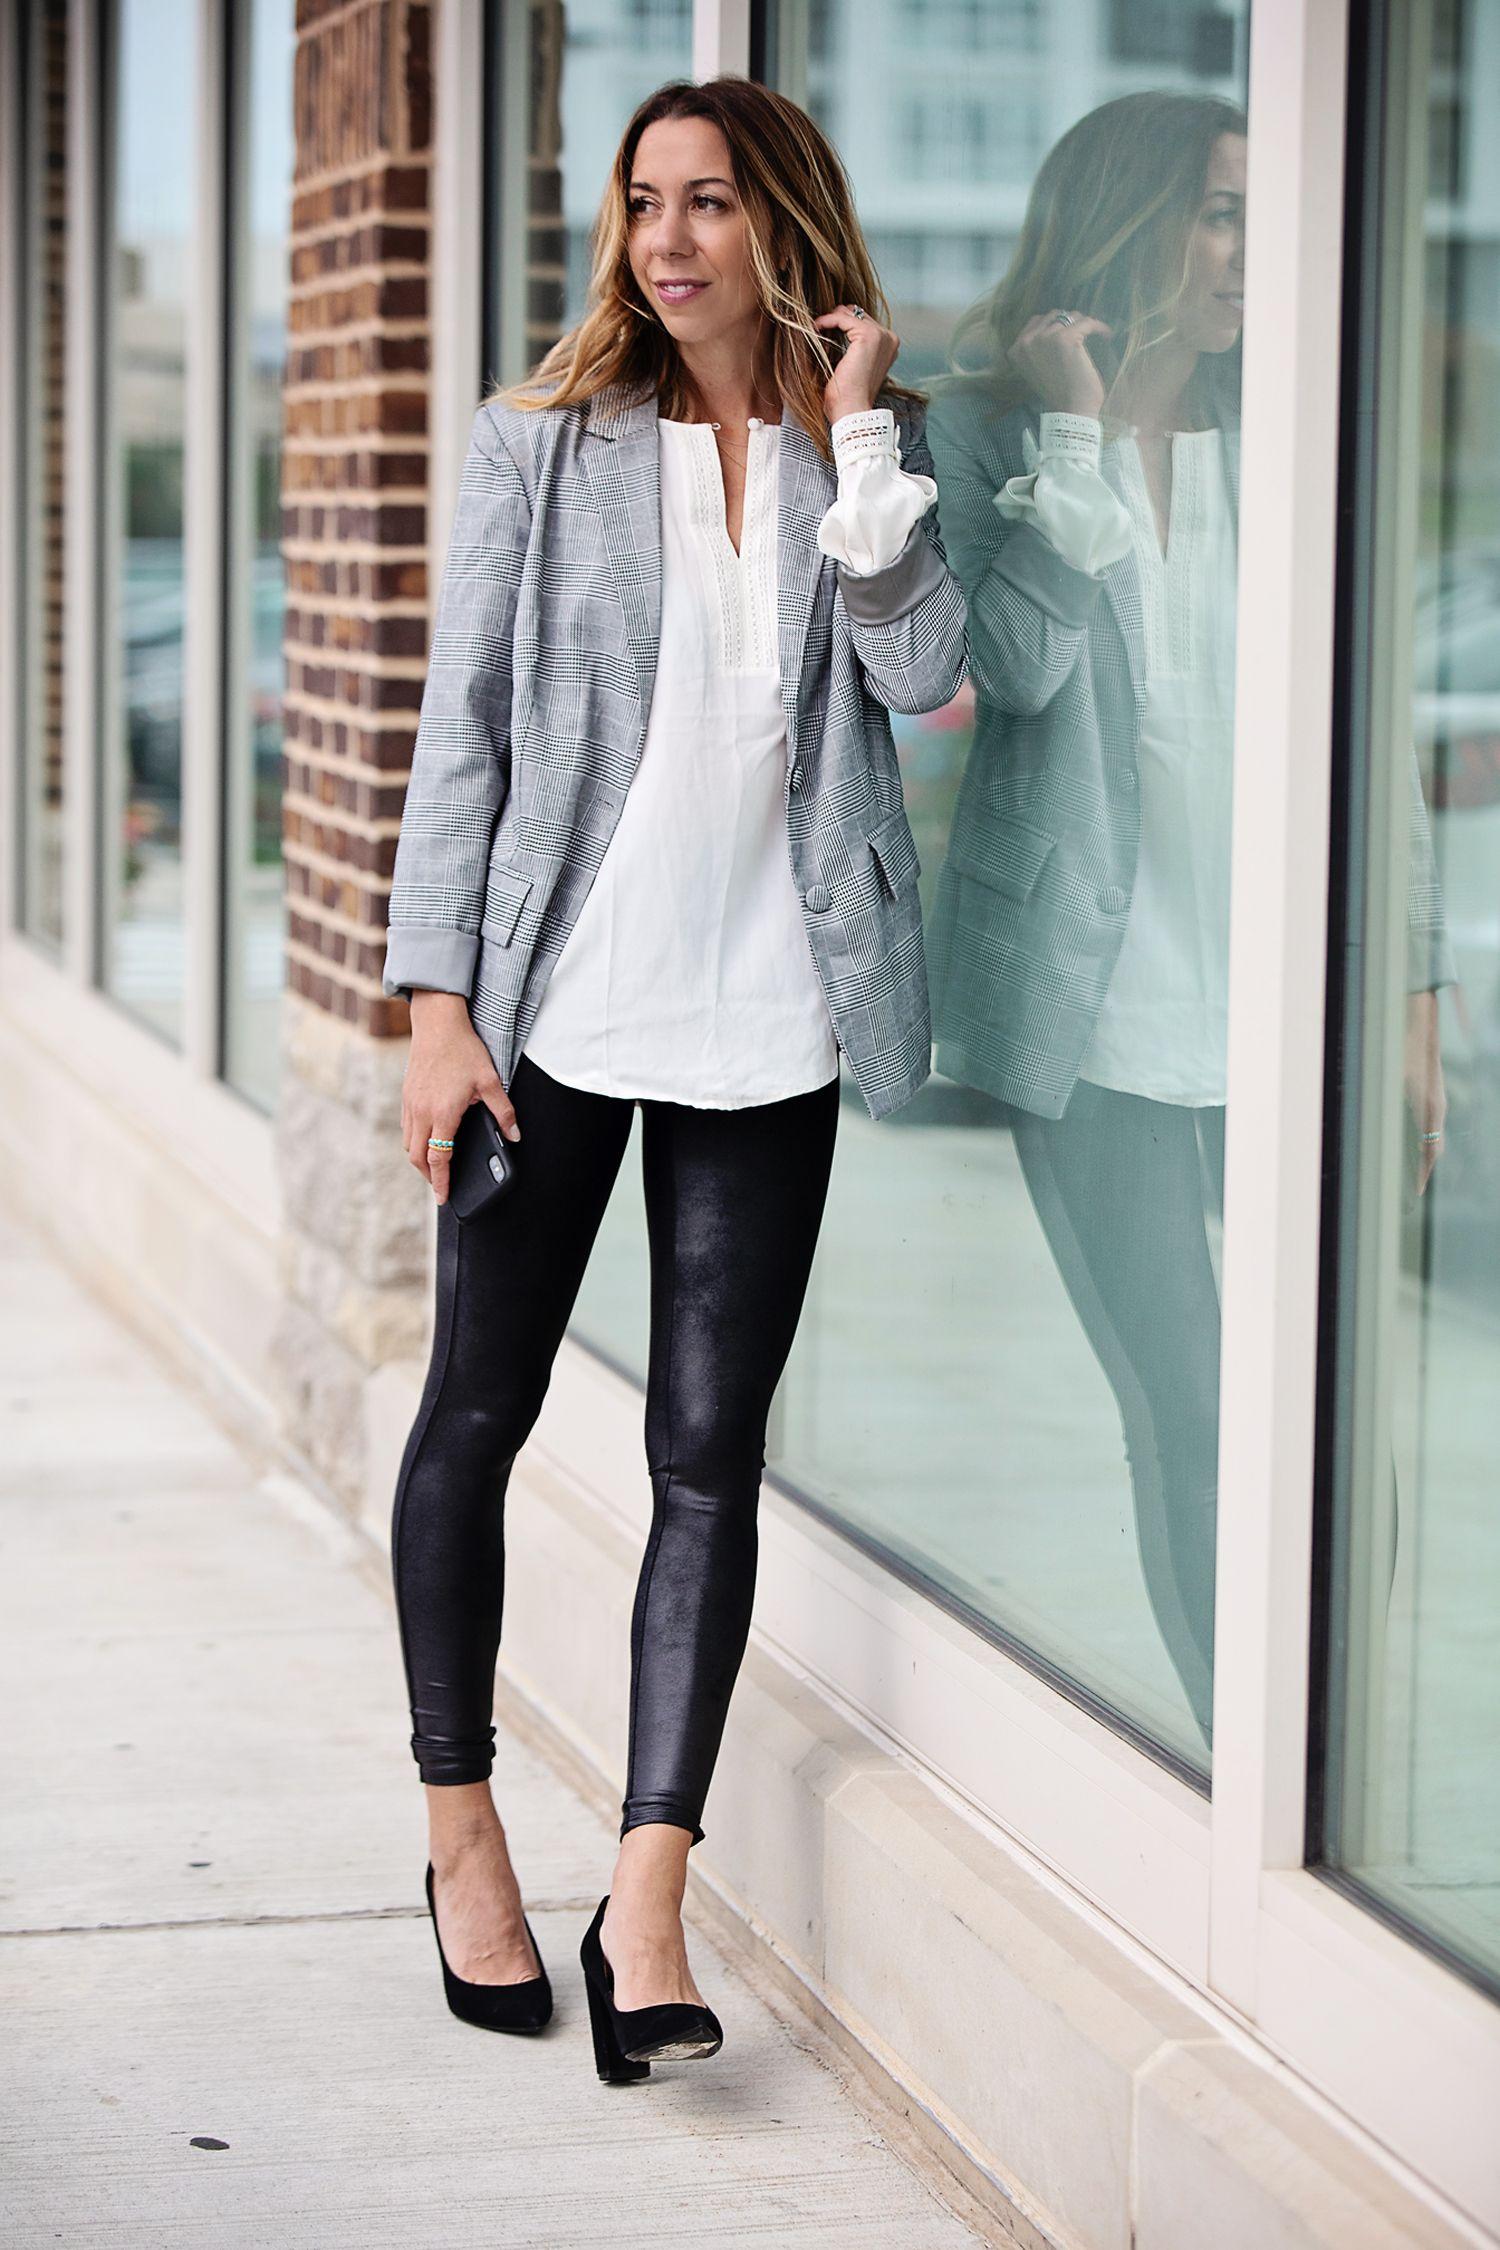 образцы дизайна, картинка стильный лук с лосинах белый фон одежды имеет меньшее